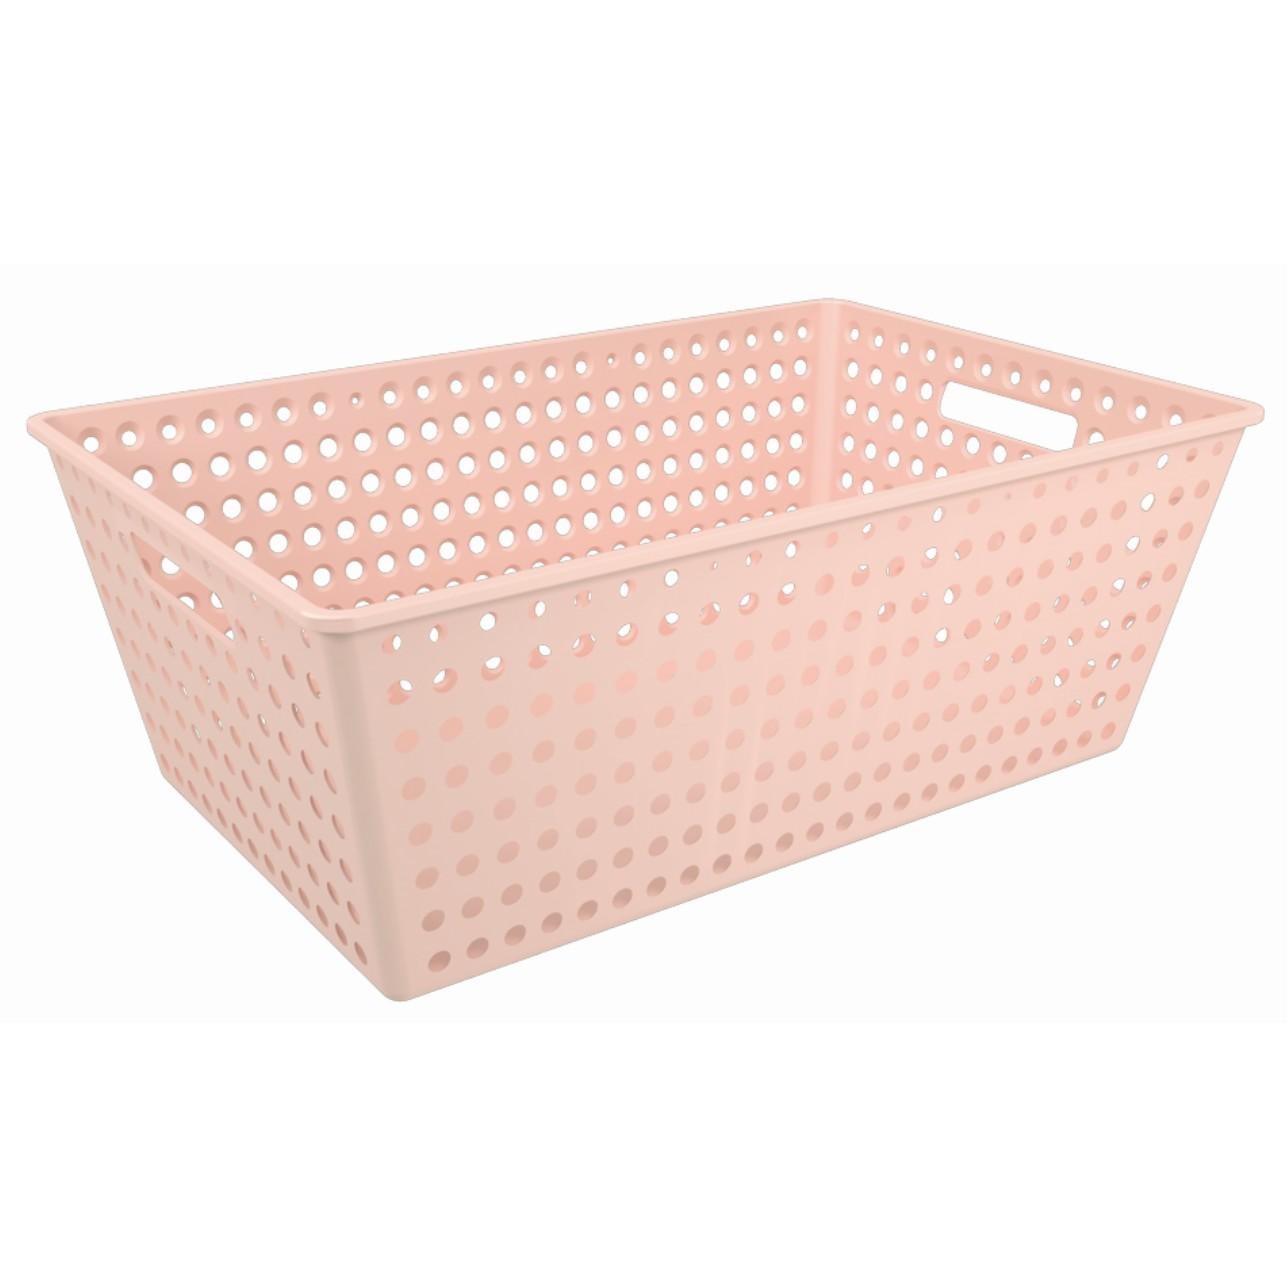 Cesta Organizadora de Plastico 59x38cm Retangular Rosa Blush - Coza